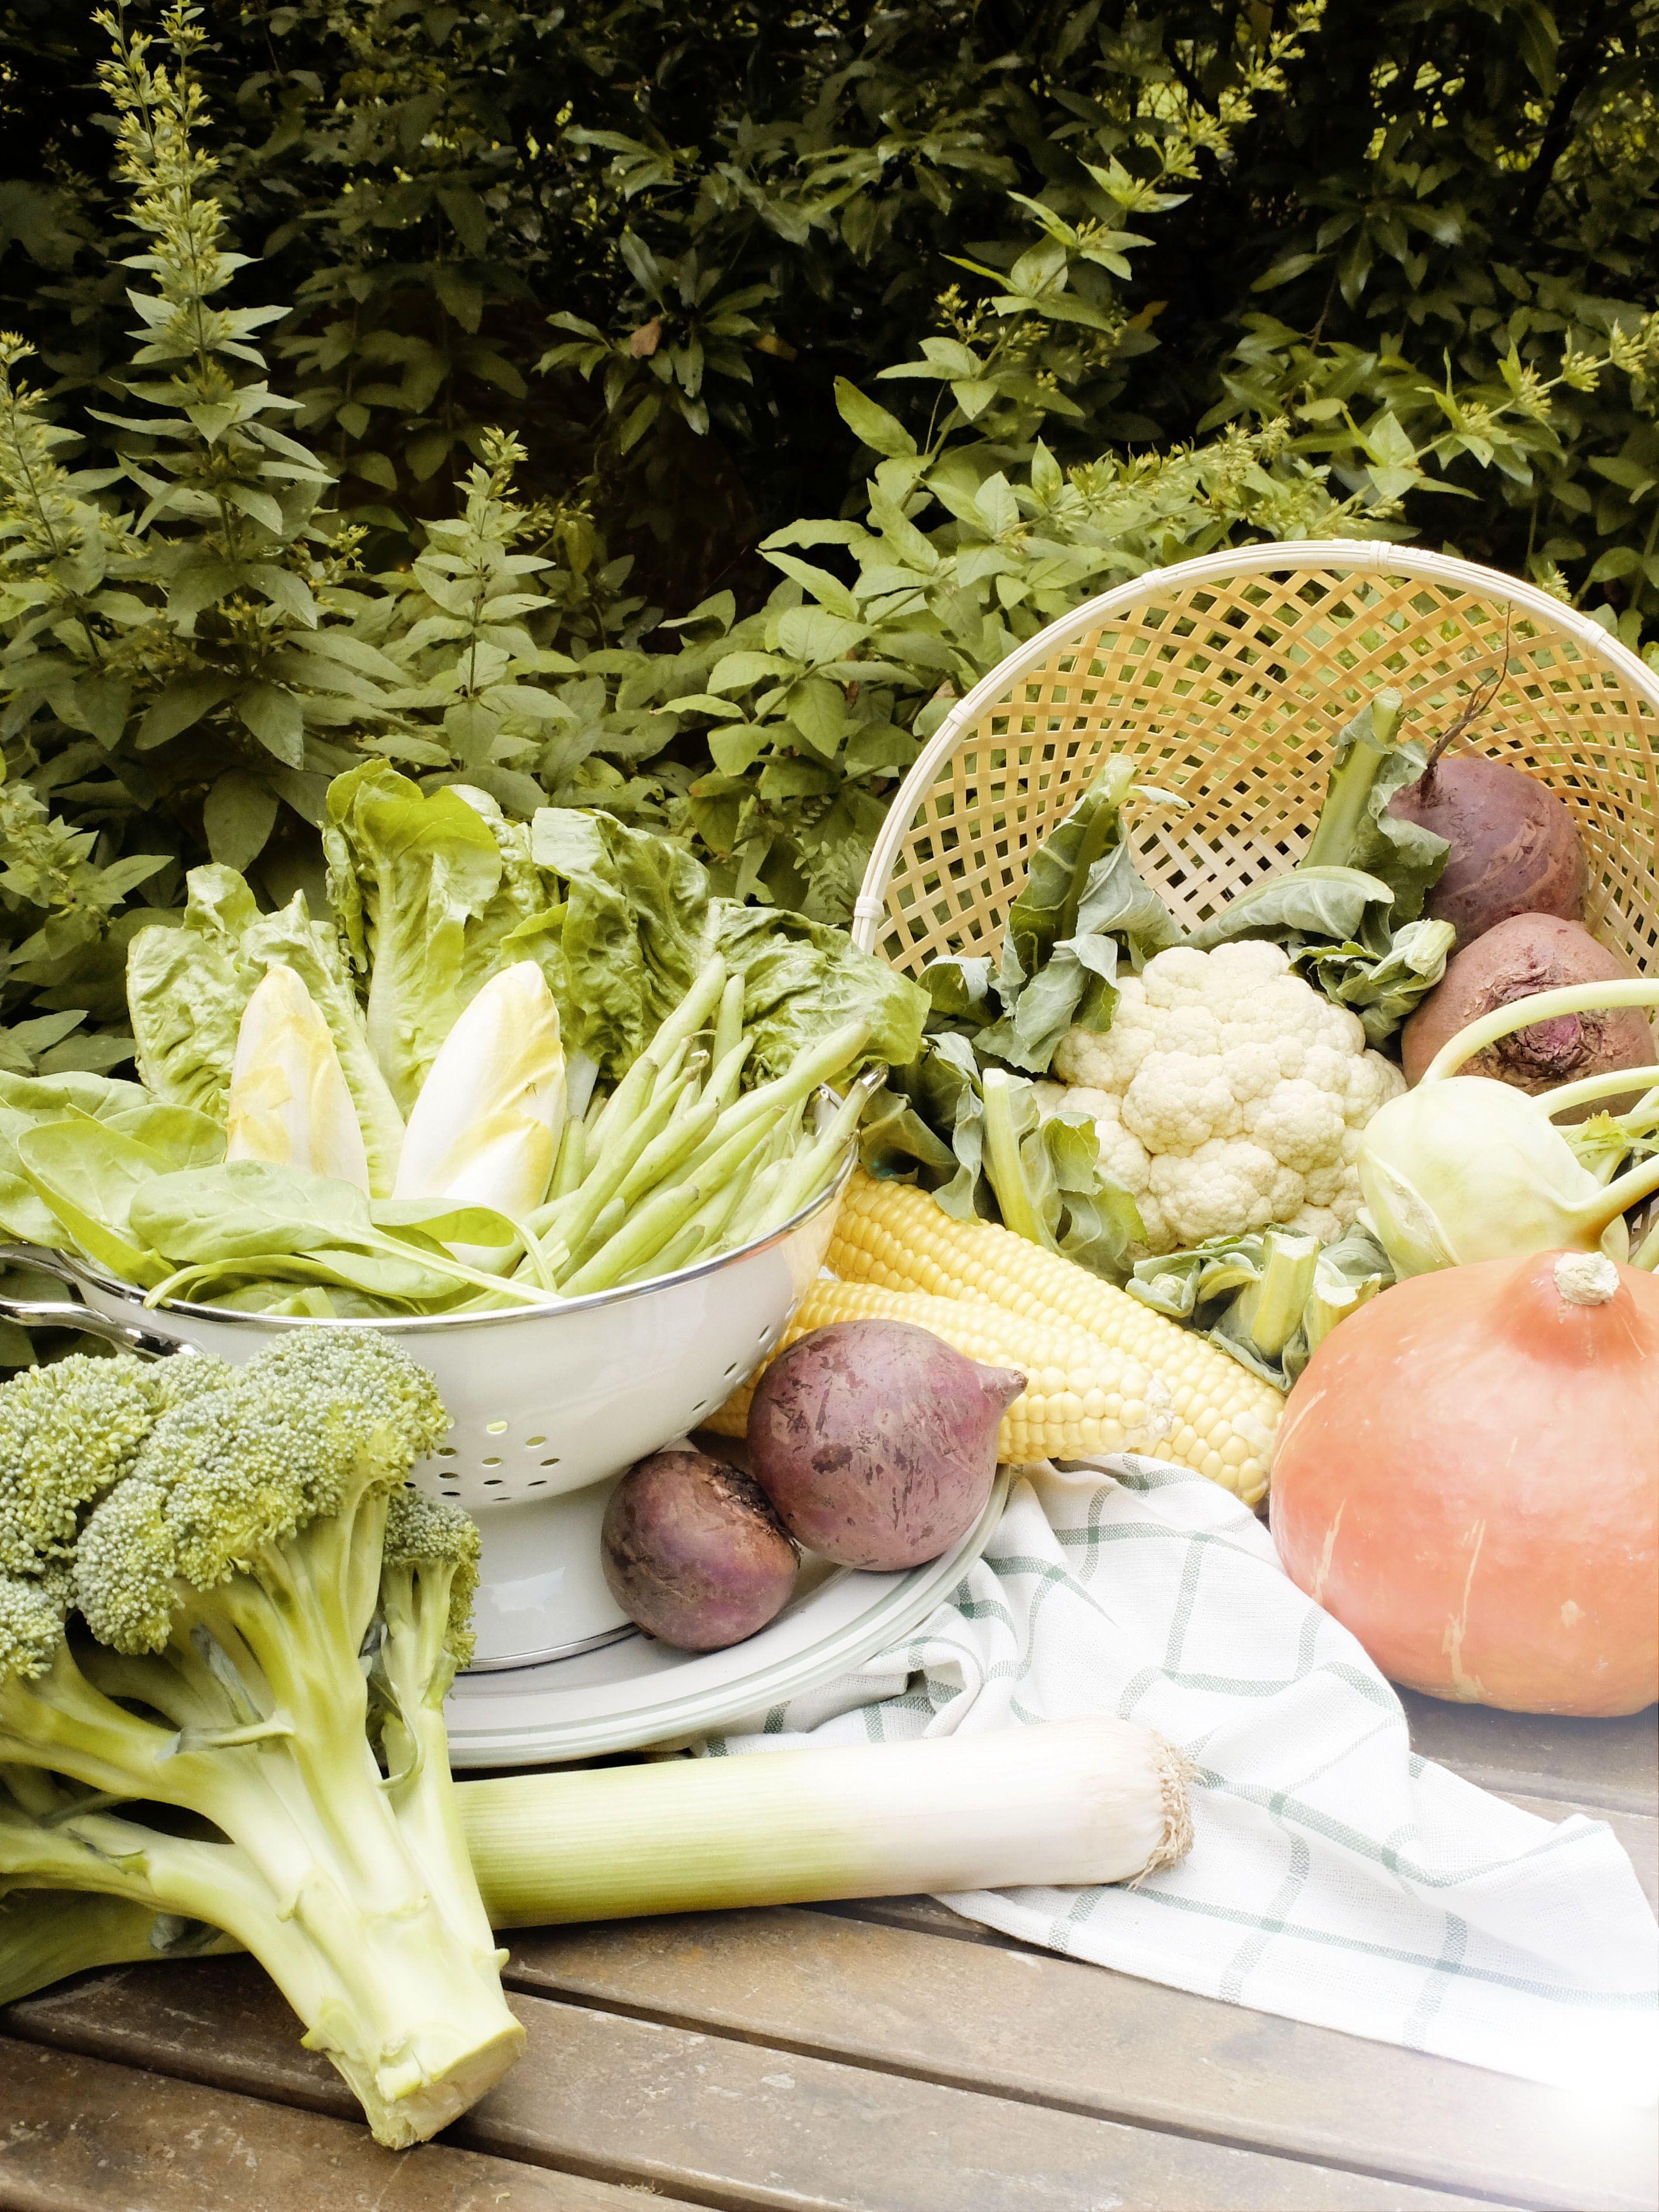 Deutschland Mein Garten Herbstliches Gemuse Autumn Vegetables Pumpkin Obst Und Gemuse Garten Und Obst